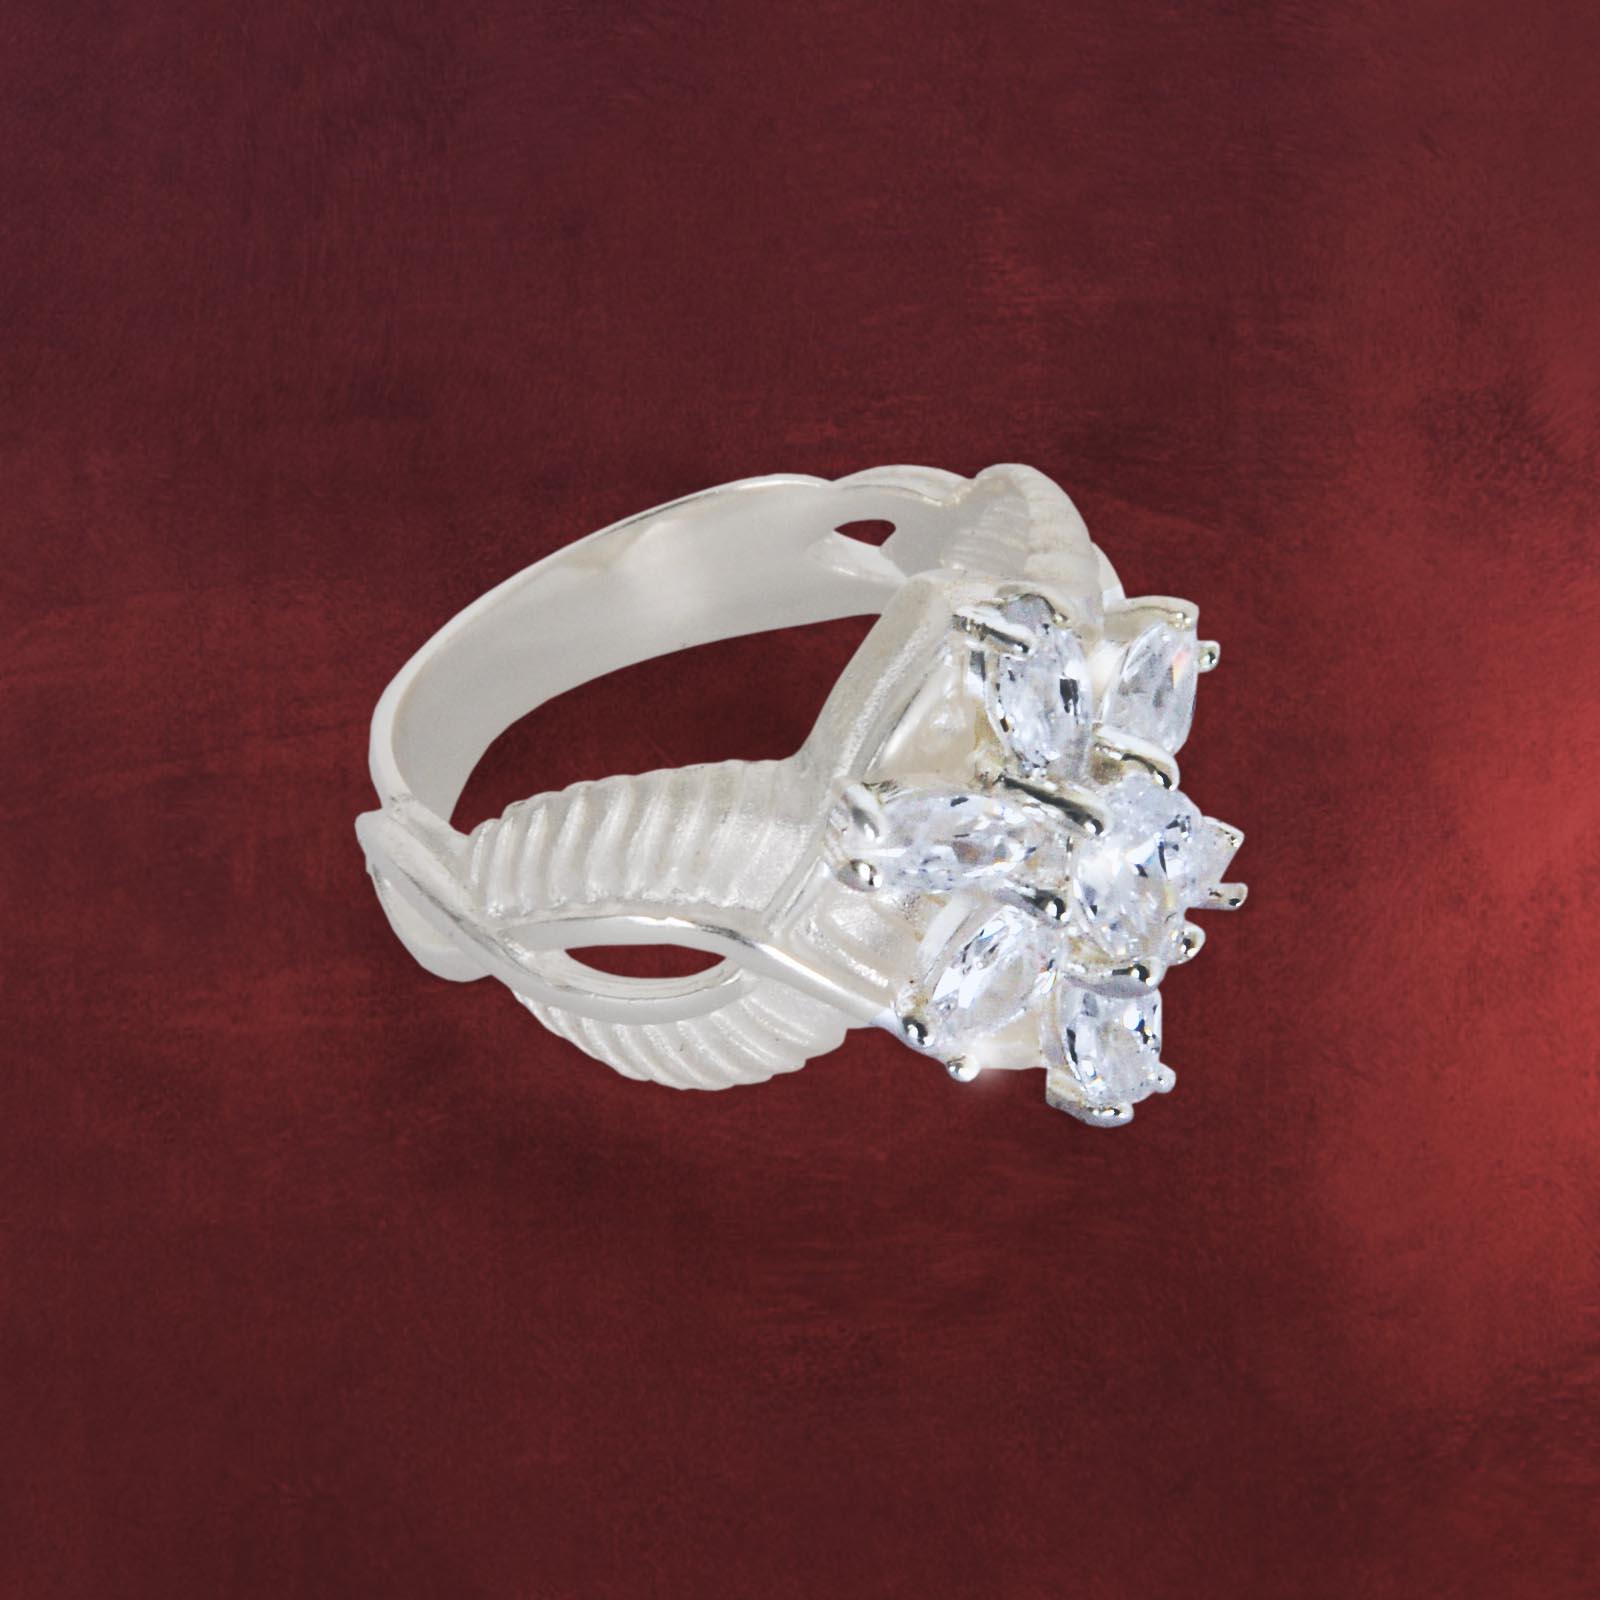 Arwens Ring Herr der Ringe